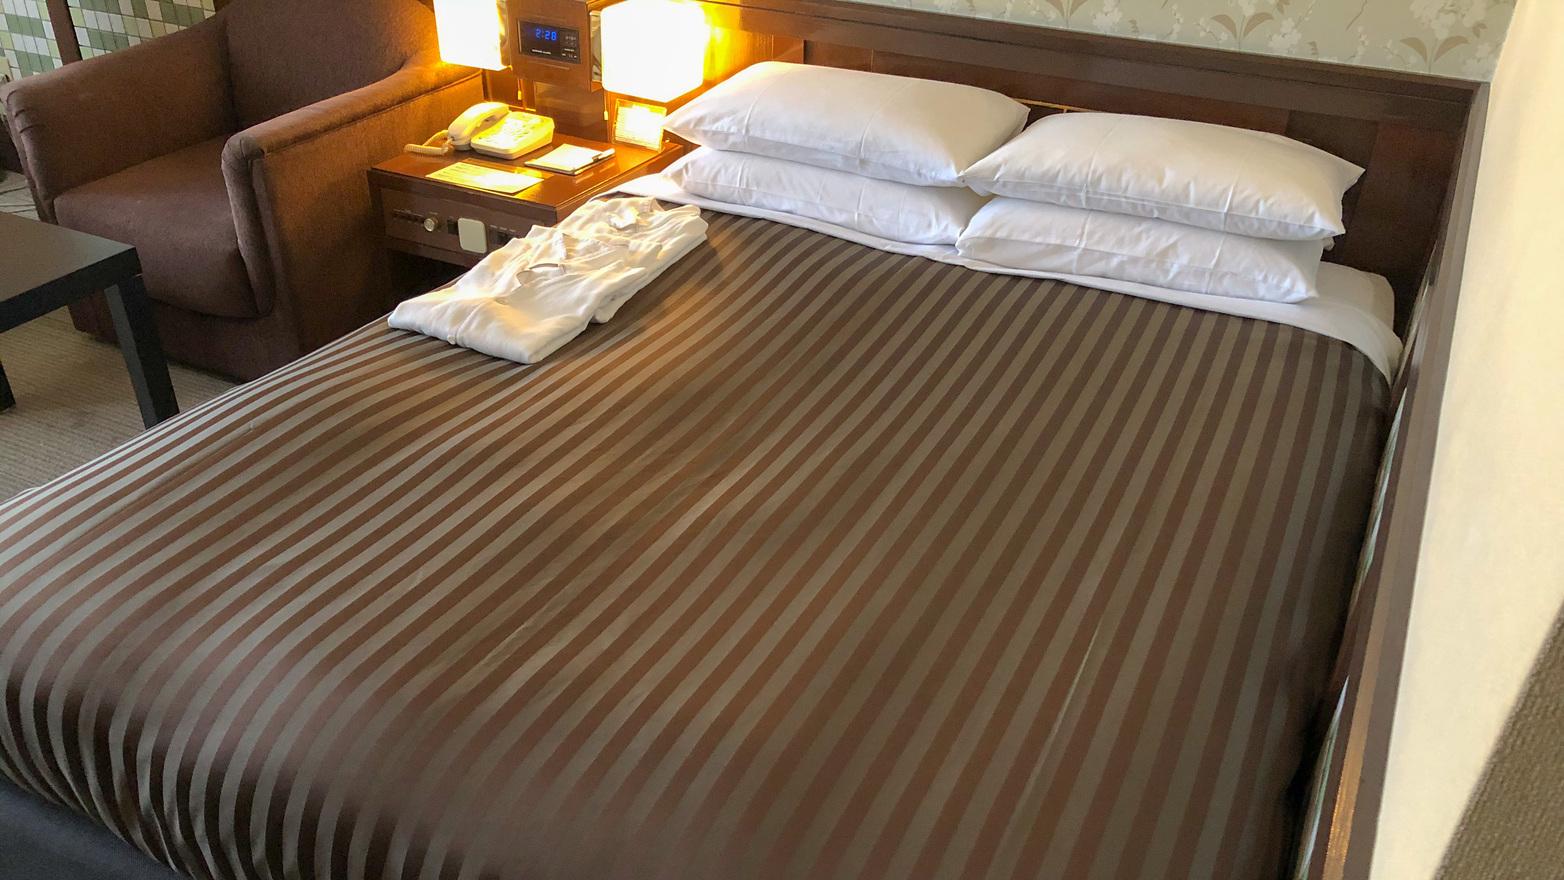 リクライニングシングル     22m2/ベッド幅140200cm